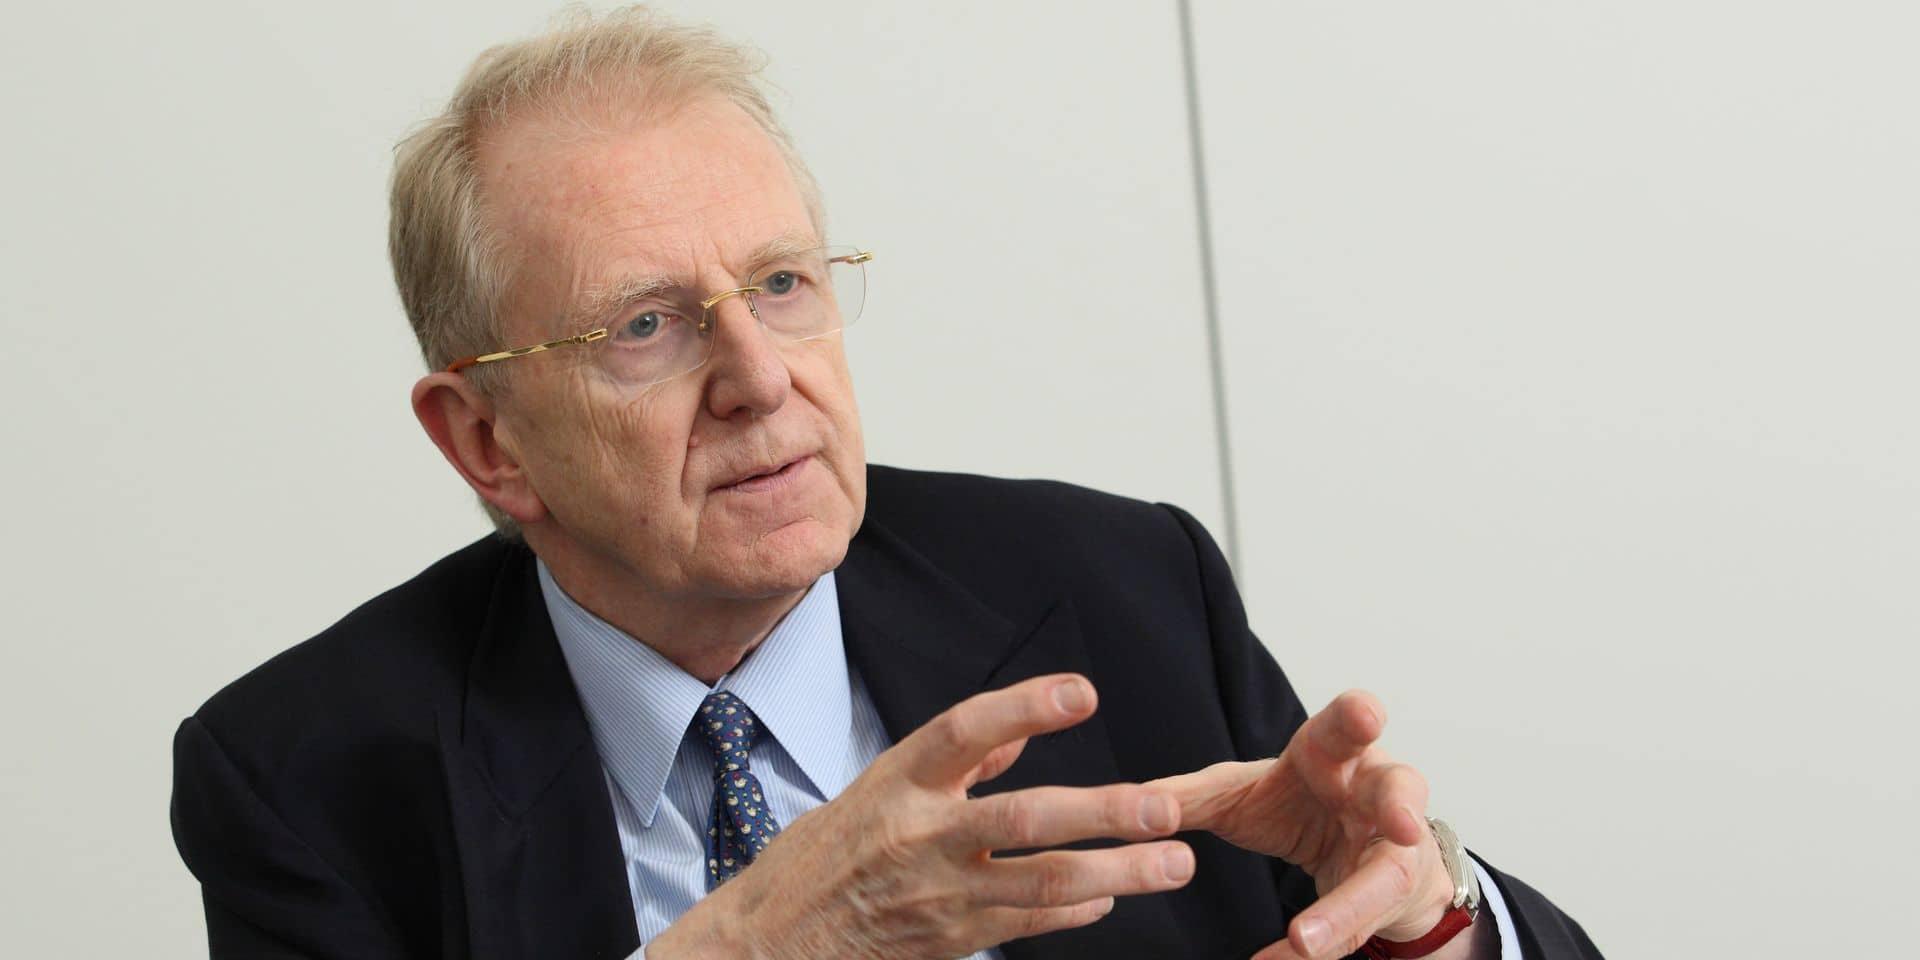 """Le financier Georges Ugeux: """"La décision politique est aujourd'hui achetable par les grands intérêts privés et les entreprises"""""""